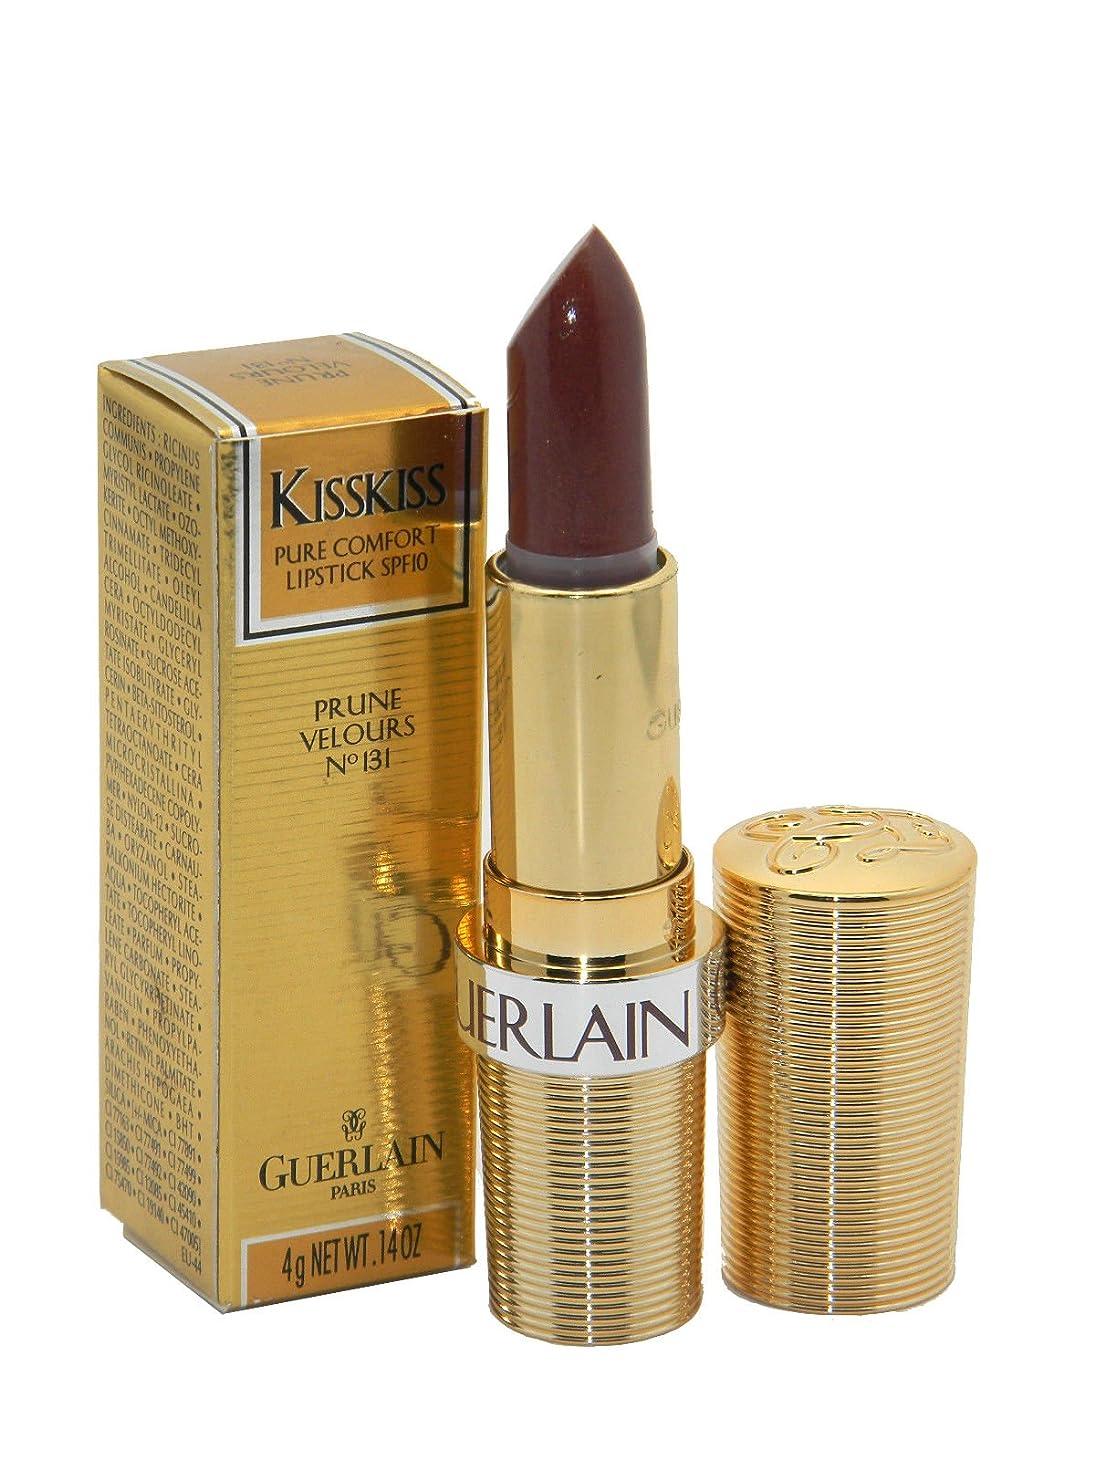 薄汚い苦味サイドボードGuerlain Lipstick Kisskiss Prune Velours No.131(ゲラン キスキス リップスティック プルーンベロア No.131) [並行輸入品]